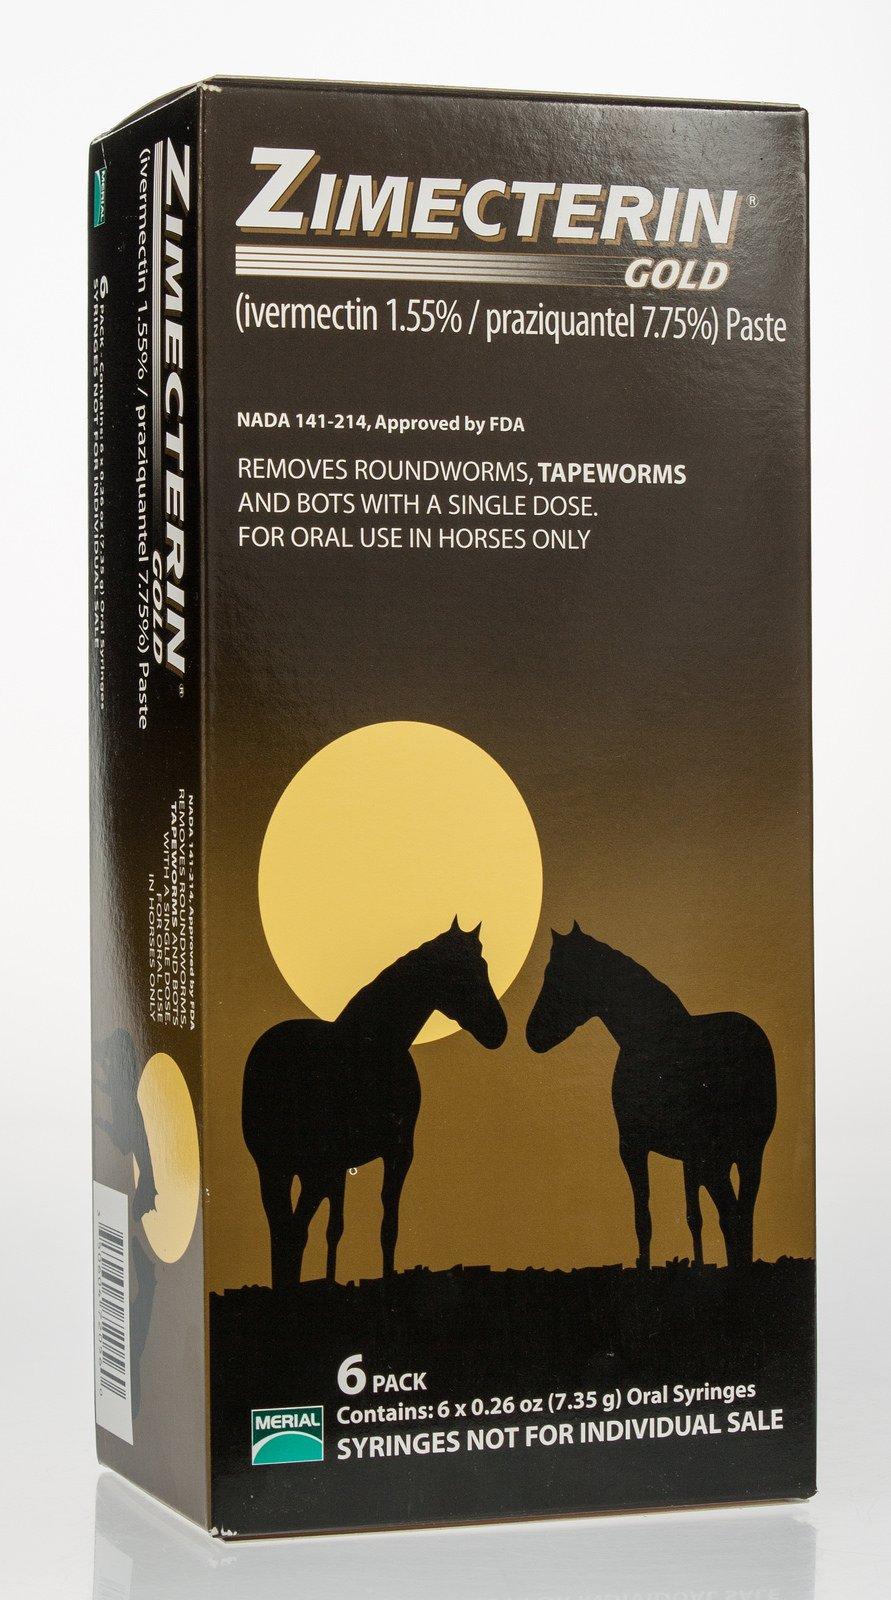 Zimecterin Gold Barn Pack (6 tubes)